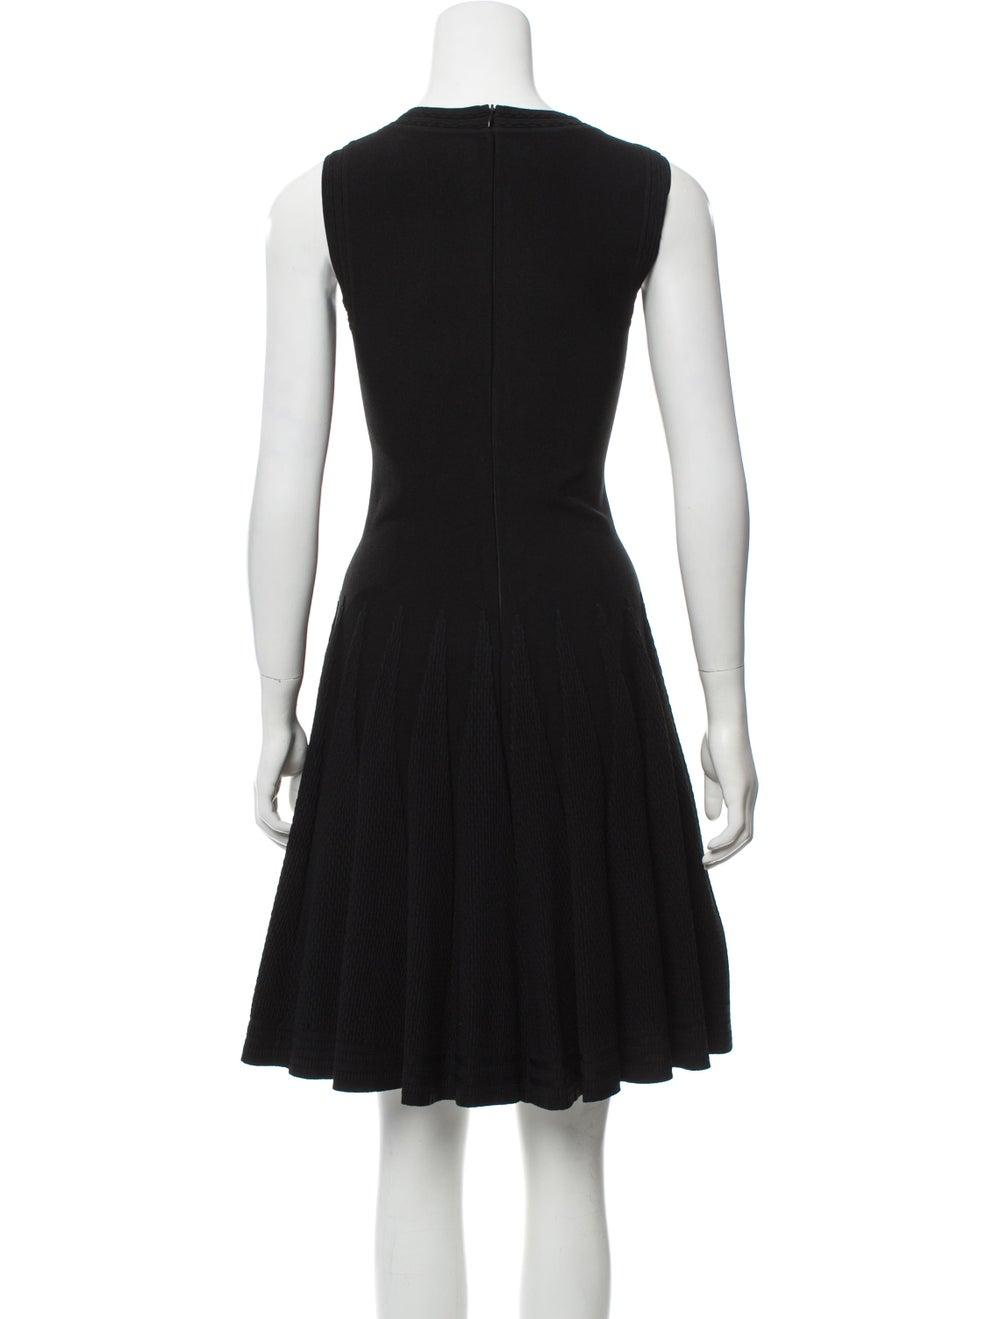 Alaïa Fit and Flare Dress Black - image 3